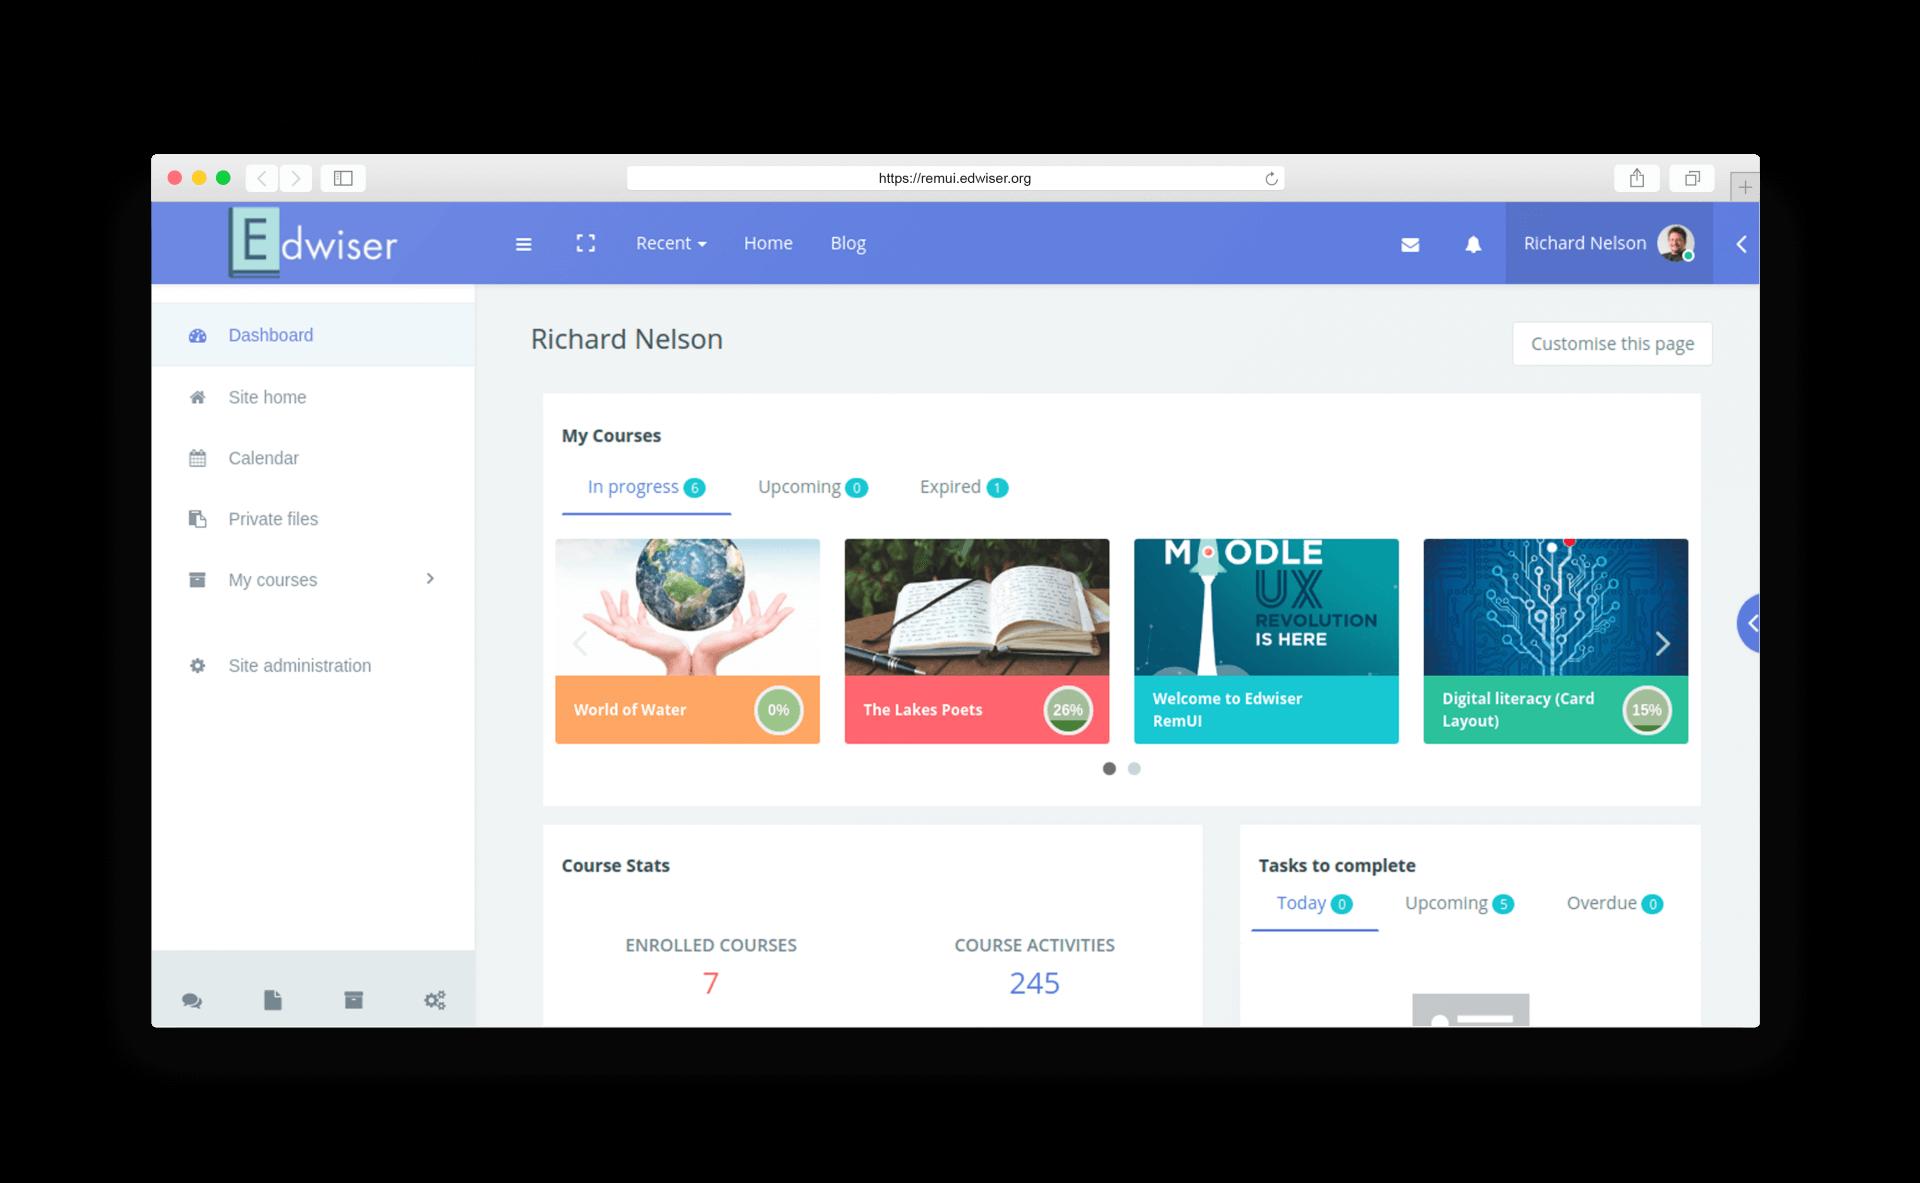 Edwiser RemUI Dashboard